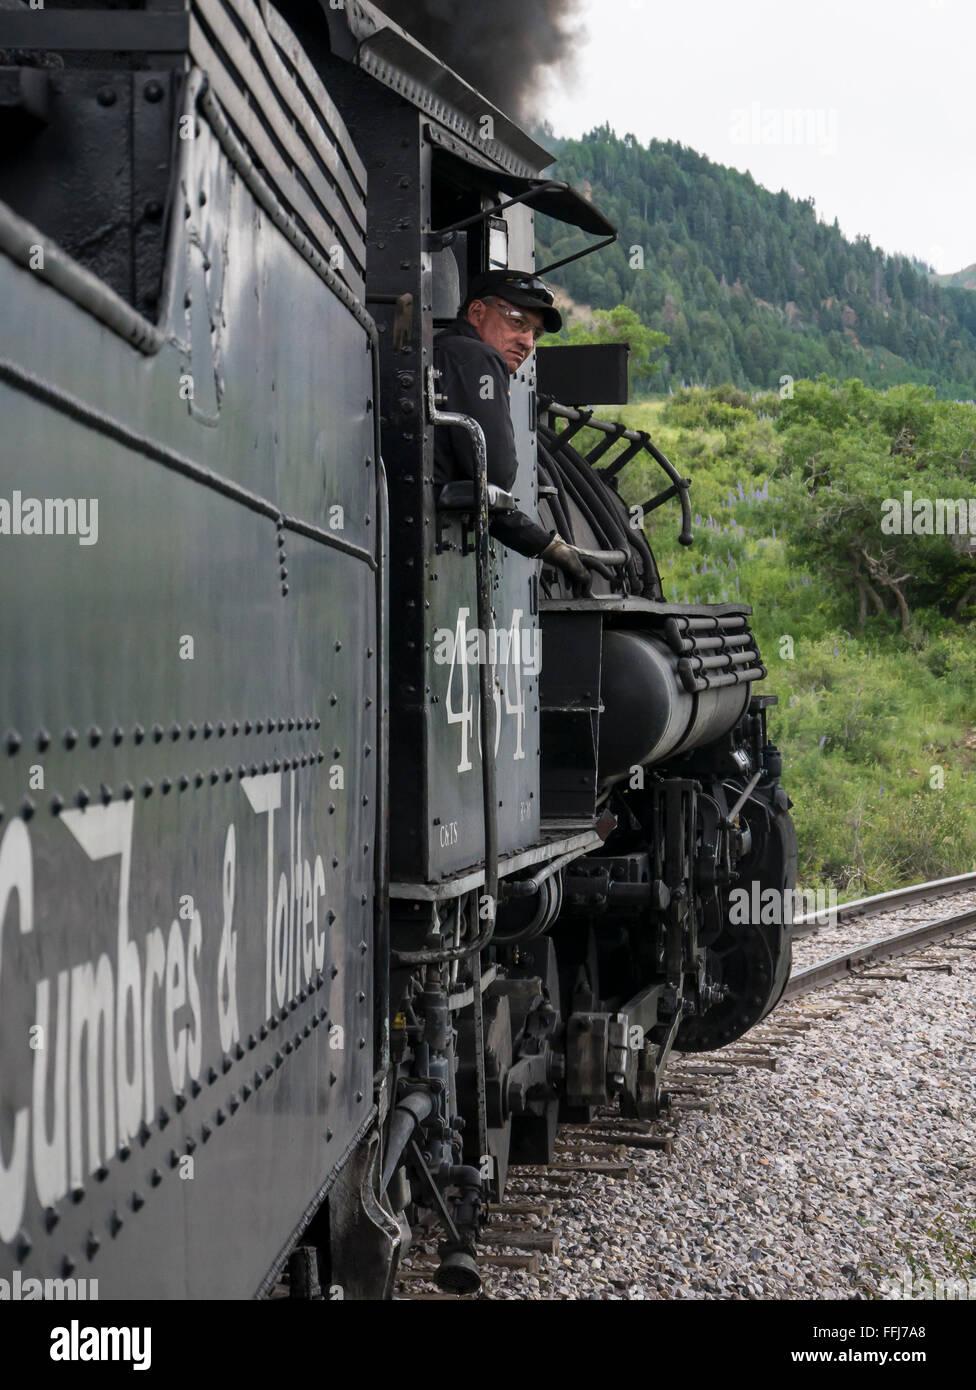 Steam locomotive engine 484 on the track, Cumbres & Toltec Scenic Railroad, Chama, New Mexico to Antonito, Colorado. - Stock Image